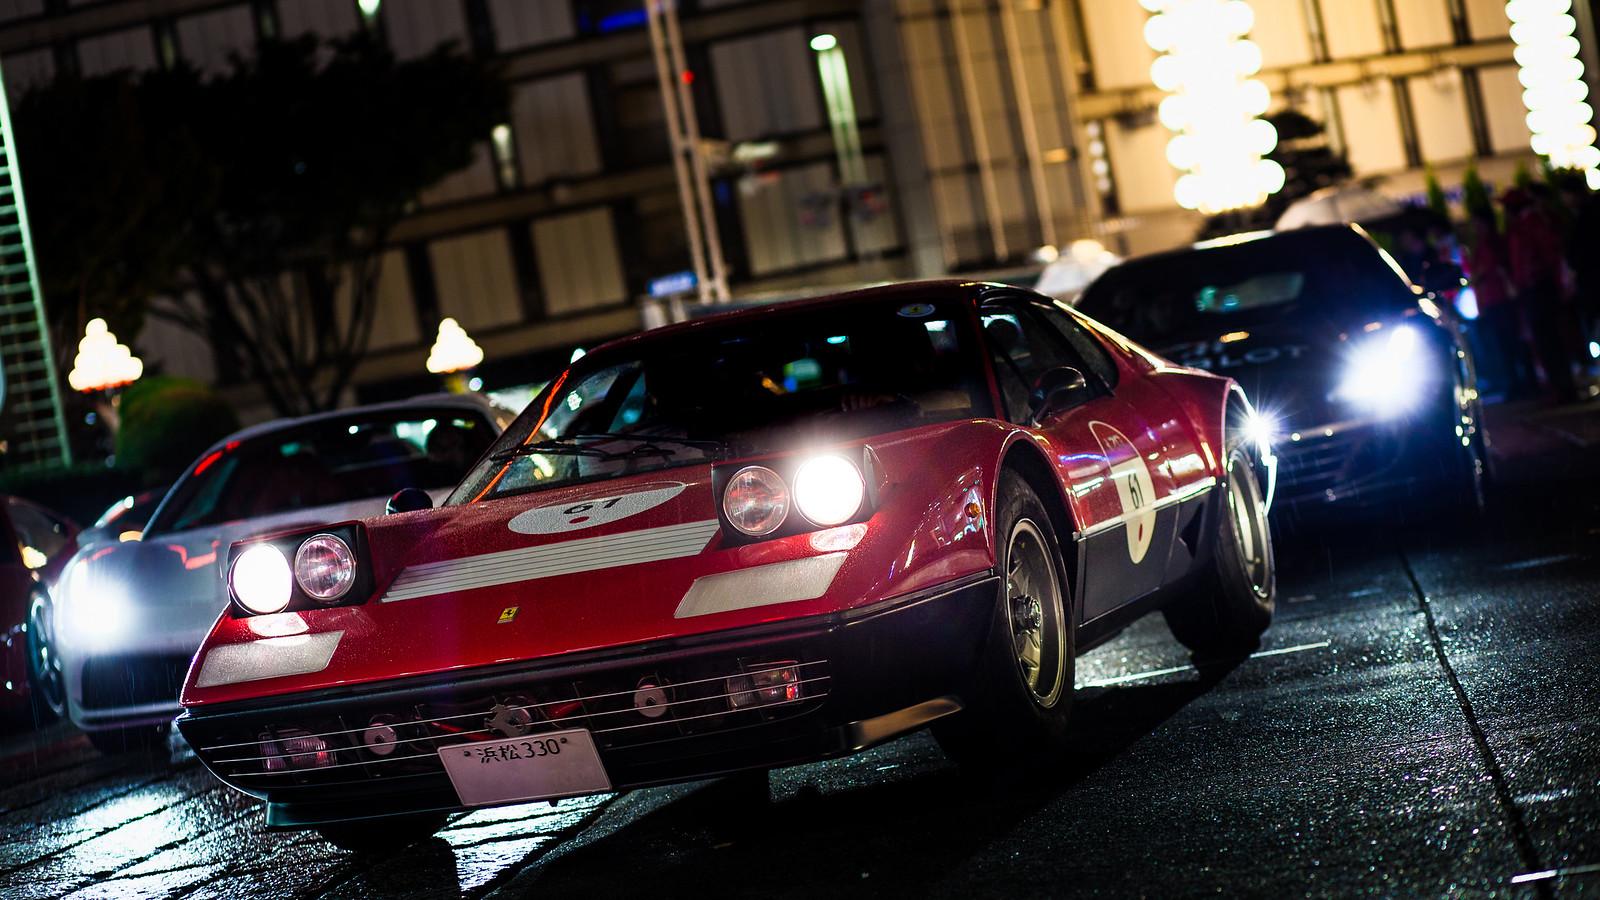 Ferrari 70th anniversary in Japan - 512BB